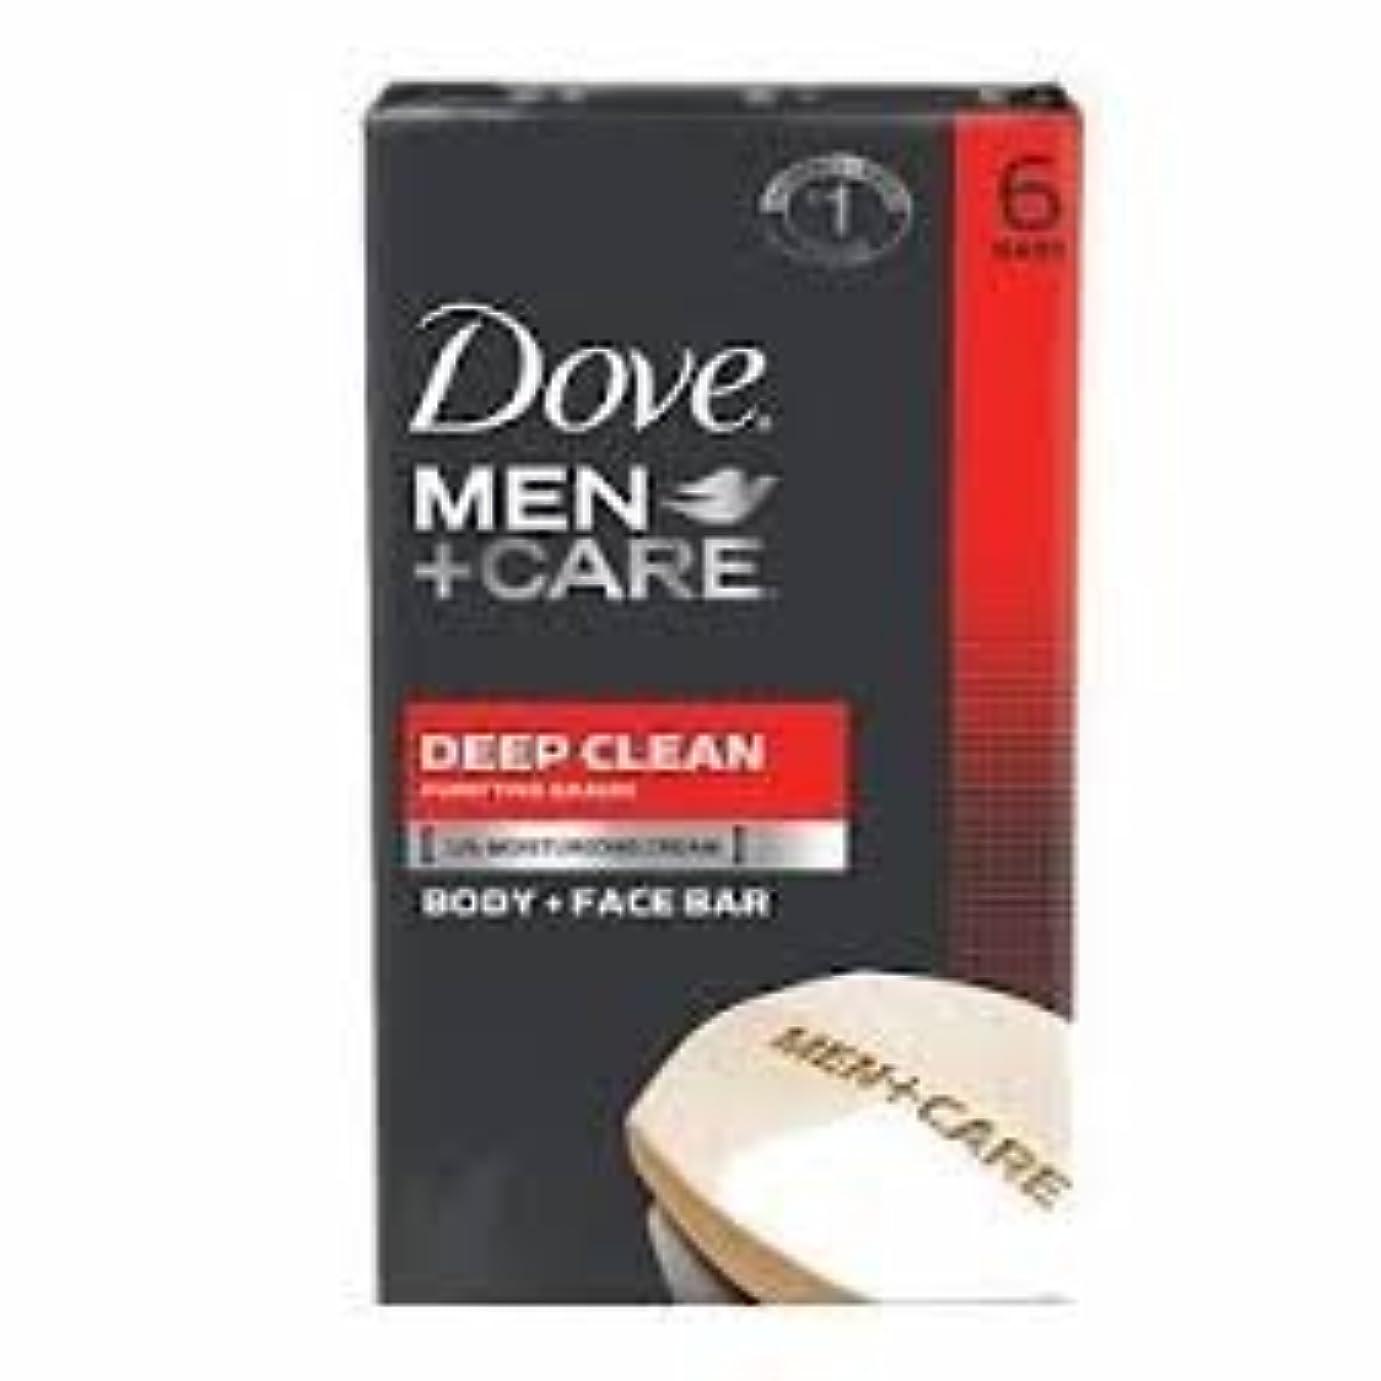 擬人サンプル出版Dove Men + Care Body and Face Bar, Deep Clean 4oz x 6Bars ダブ メン プラスケア ディープ クリーン ソープ 4oz x 6個